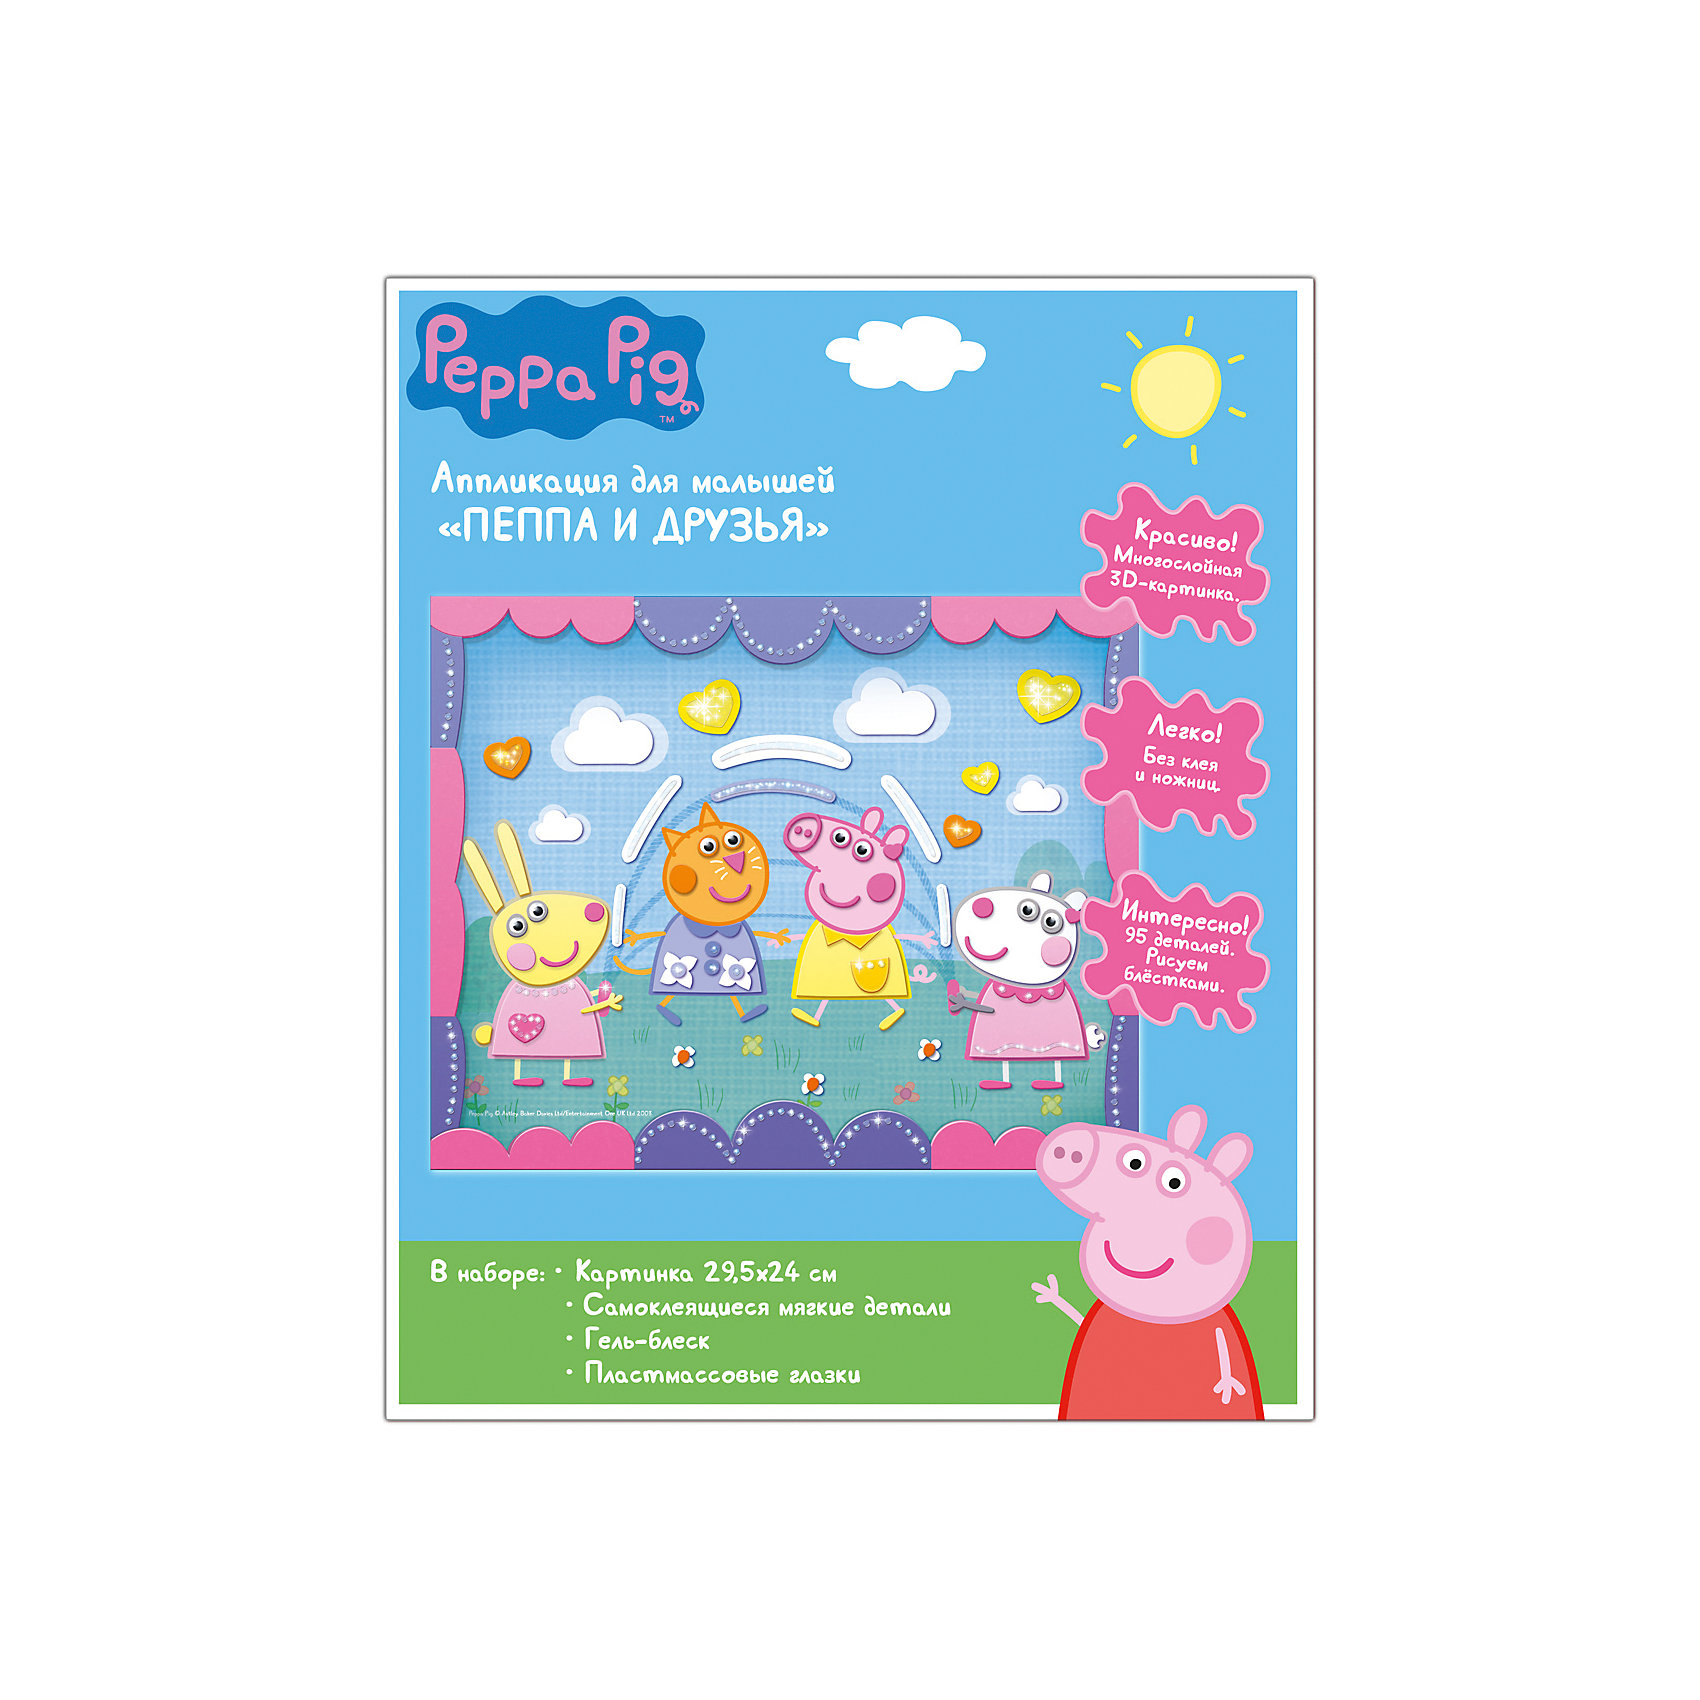 Аппликация ПЕППА И ДРУЗЬЯ, 29,5X24смРукоделие<br>Предложите своему малышу создать красивую аппликацию «Пеппа и друзья» ТМ «Peppa Pig». Рассмотрите картинку и позвольте ребенку самостоятельно выбрать детали, которые будут в находиться в нижнем слое. Снимите с выбранного фрагмента защитный слой бумаги и вклейте деталь в контур рисунка, объяснив последовательность создания картинки. Остальные элементы нужно наклеить слоями. Обращайте внимание крохи на готовую картинку на упаковке. Если он ошибся, деталь можно переклеить, пока клей не подсох. Просите малыша назвать цвет детали, проговаривать, большая она или маленькая, куда ее приклеиваете. Затем украсьте картинку гелем-блеском. Обязательно похвалите ребенка и поставьте готовую картинку на самое видное место!&#13;<br>В наборе для аппликации: картонная цветная картинка (29,5х24 см), набор самоклеящихся деталей для аппликации из мягкого материала ЭВА, пластмассовые вращающиеся глазки, гель-краска с блестками. Товар сертифицирован. Срок годности – 5 лет.<br><br>Ширина мм: 300<br>Глубина мм: 240<br>Высота мм: 7<br>Вес г: 77<br>Возраст от месяцев: 84<br>Возраст до месяцев: 108<br>Пол: Унисекс<br>Возраст: Детский<br>SKU: 5016357